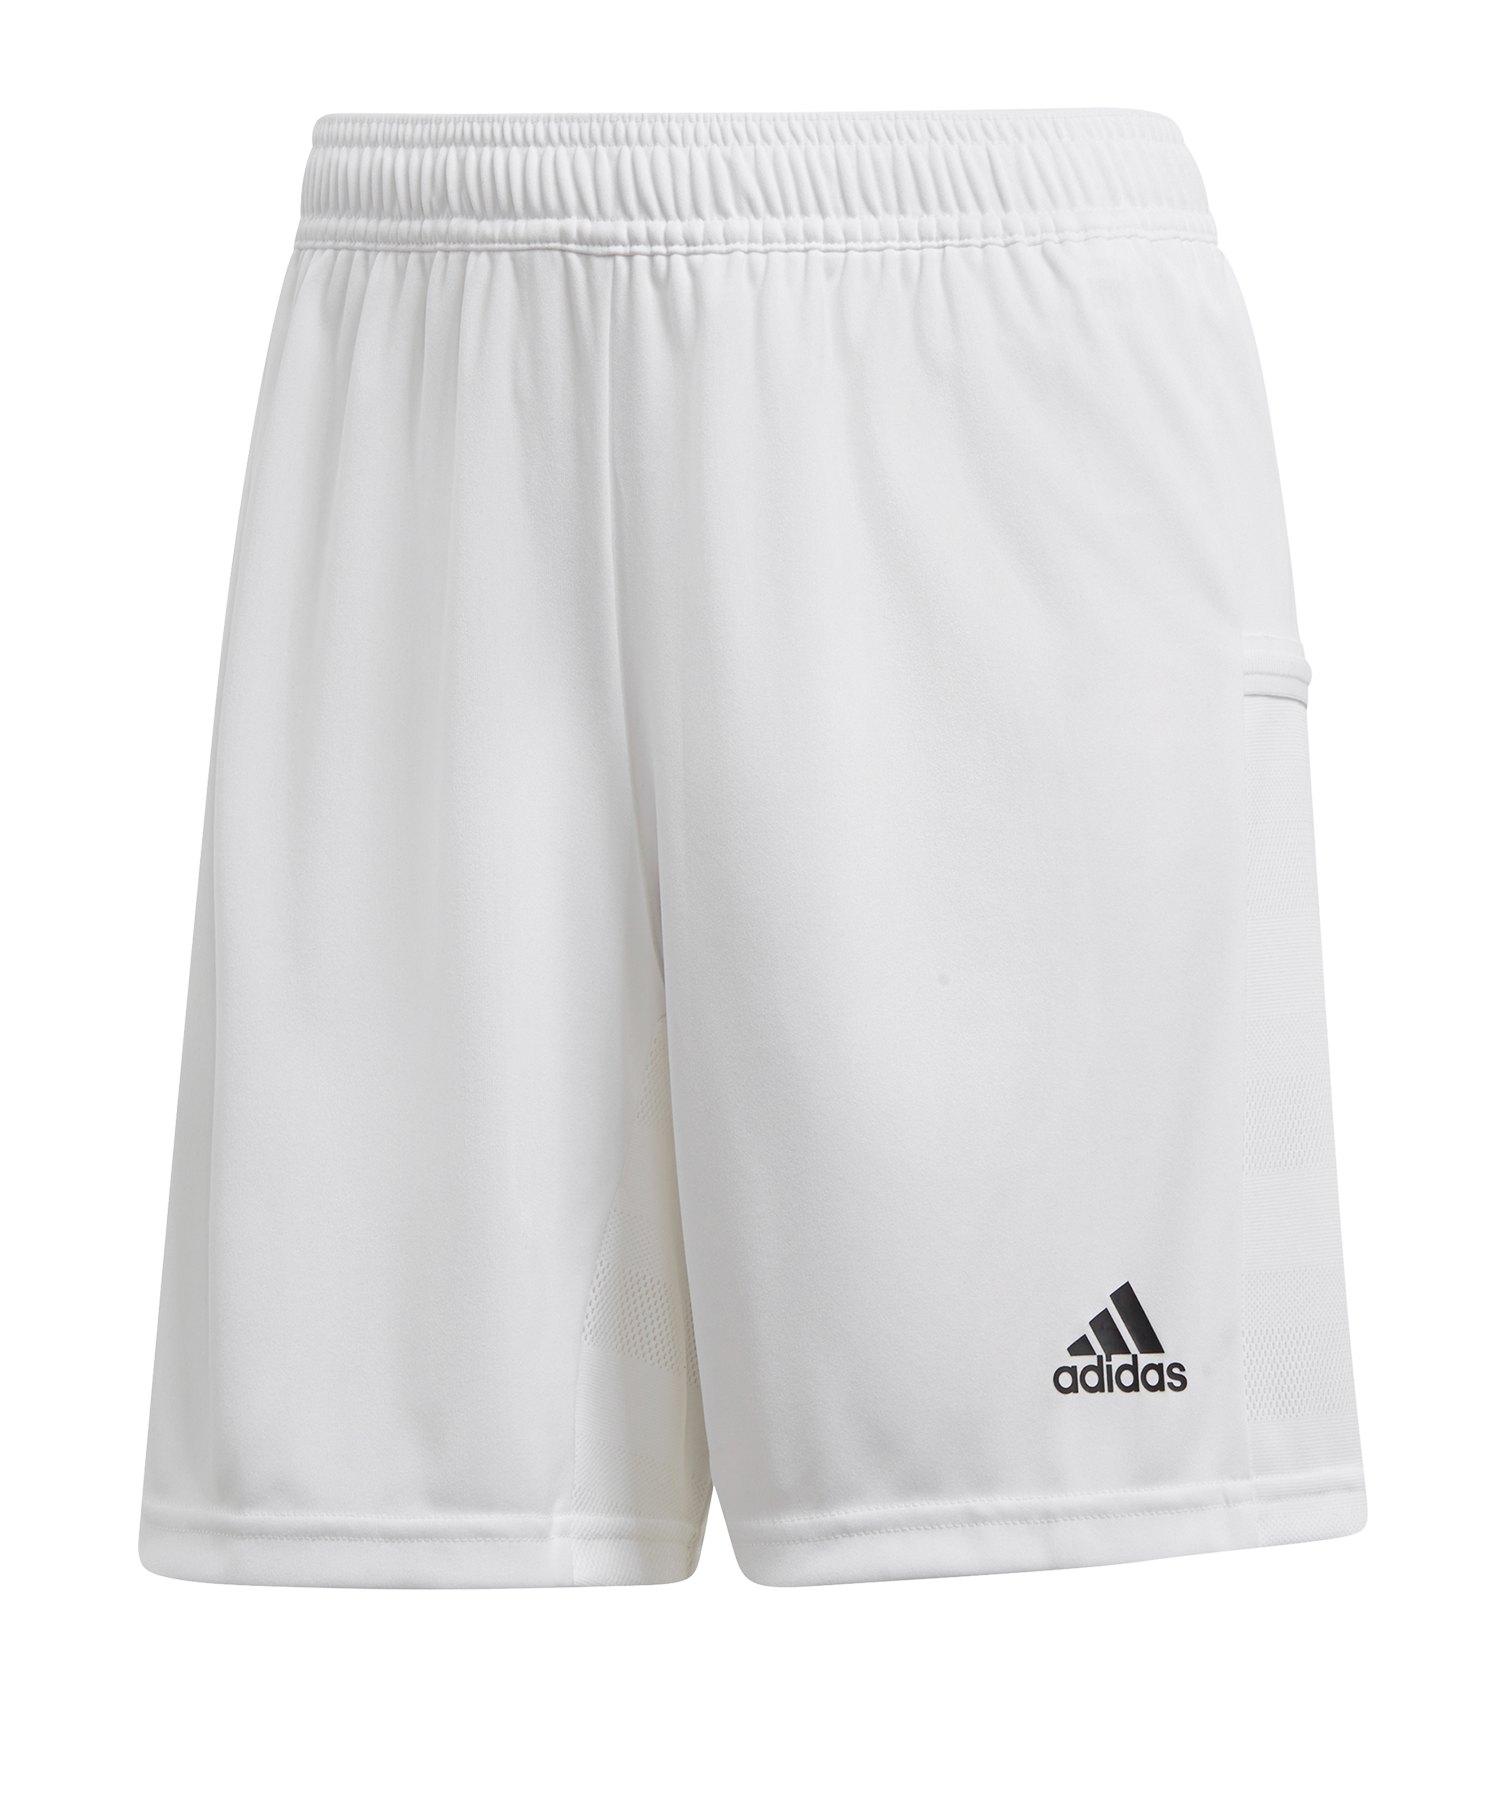 adidas Team 19 Knitted Short Damen Weiss - weiss